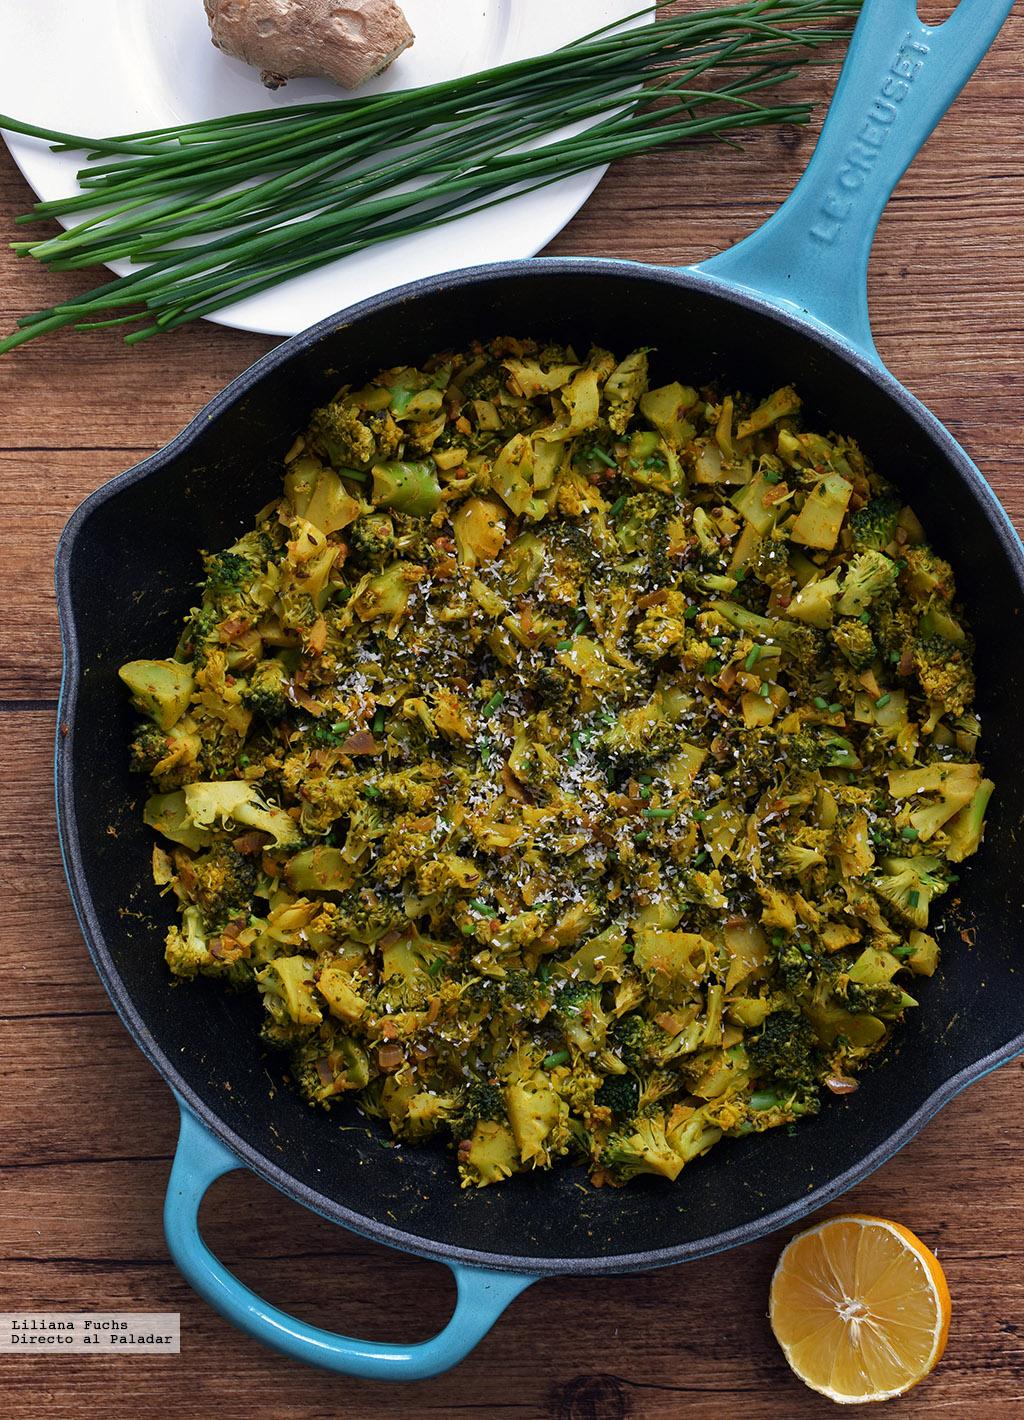 Sart n de br coli con especias y coco receta de cocina for Maneras de cocinar brocoli